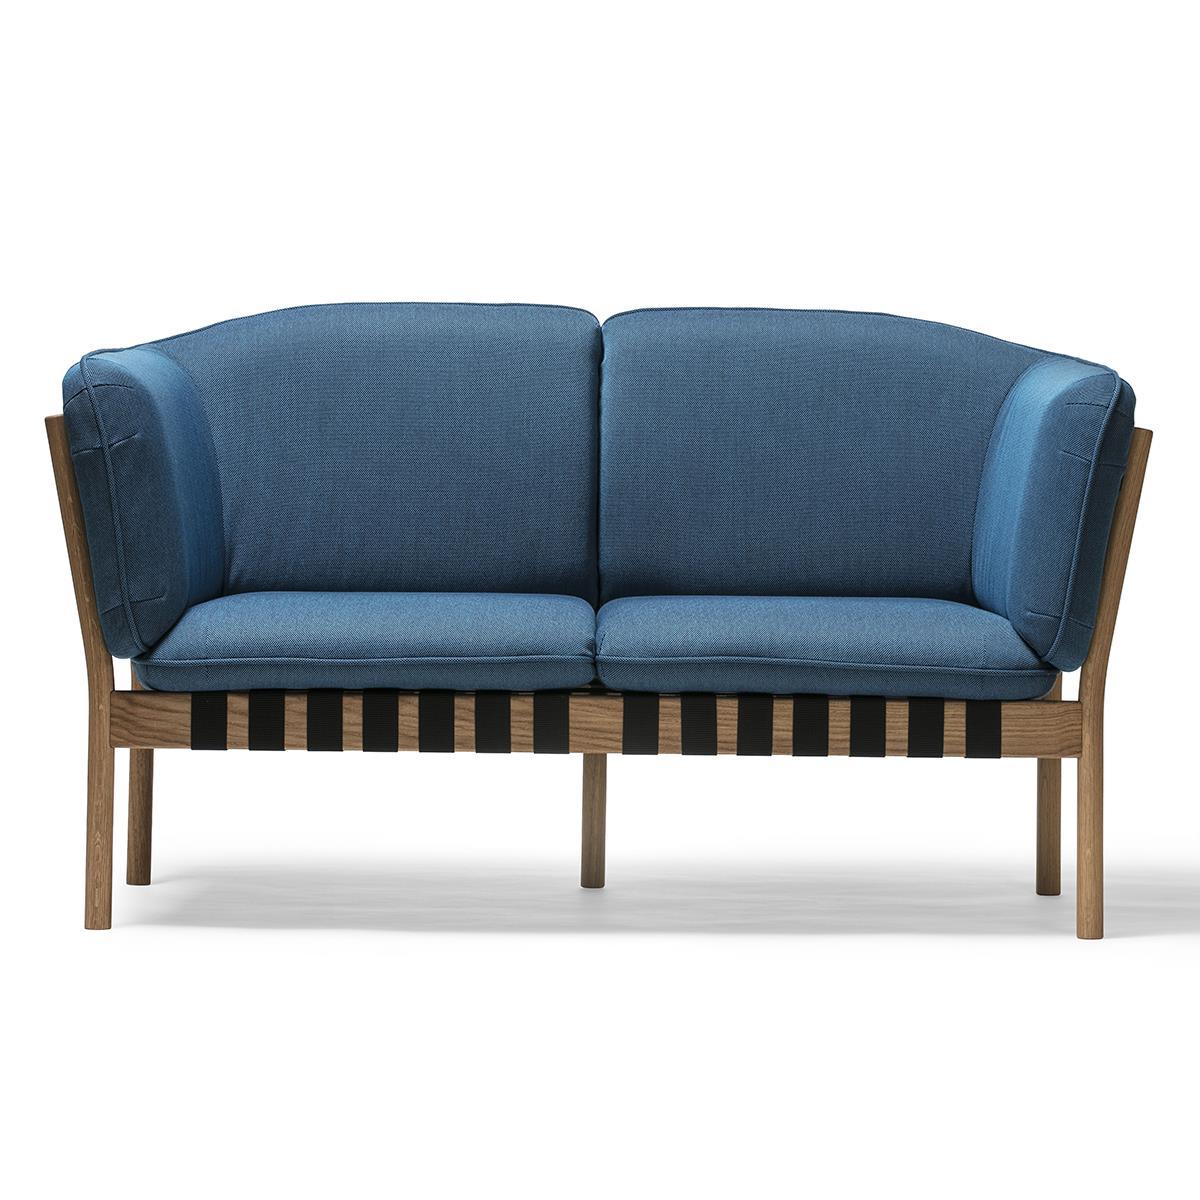 Doppelsessel Dowel Ton As Von Menschen Gefertigte Stühle